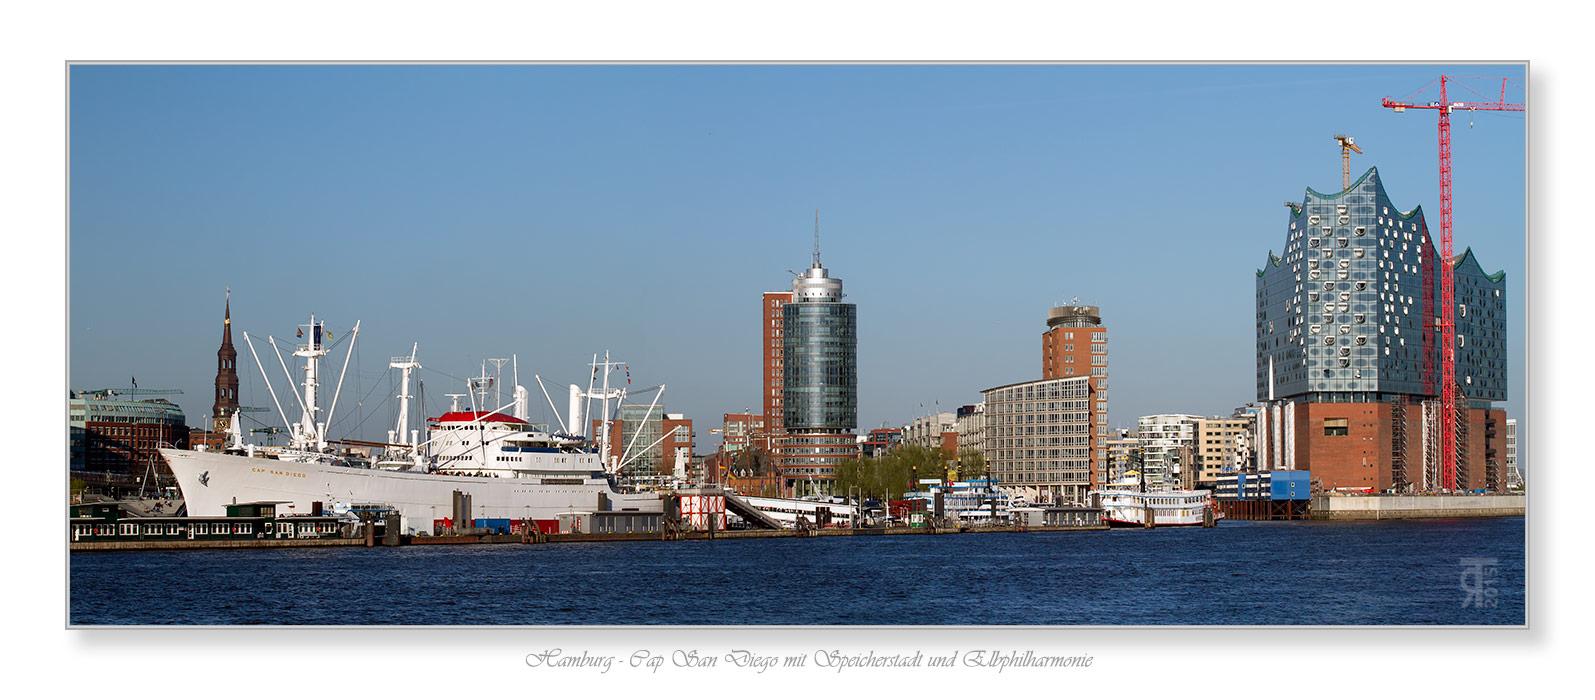 Cap San Diego bis Elbphilharmonie Foto & Bild | deutschland, europe ...